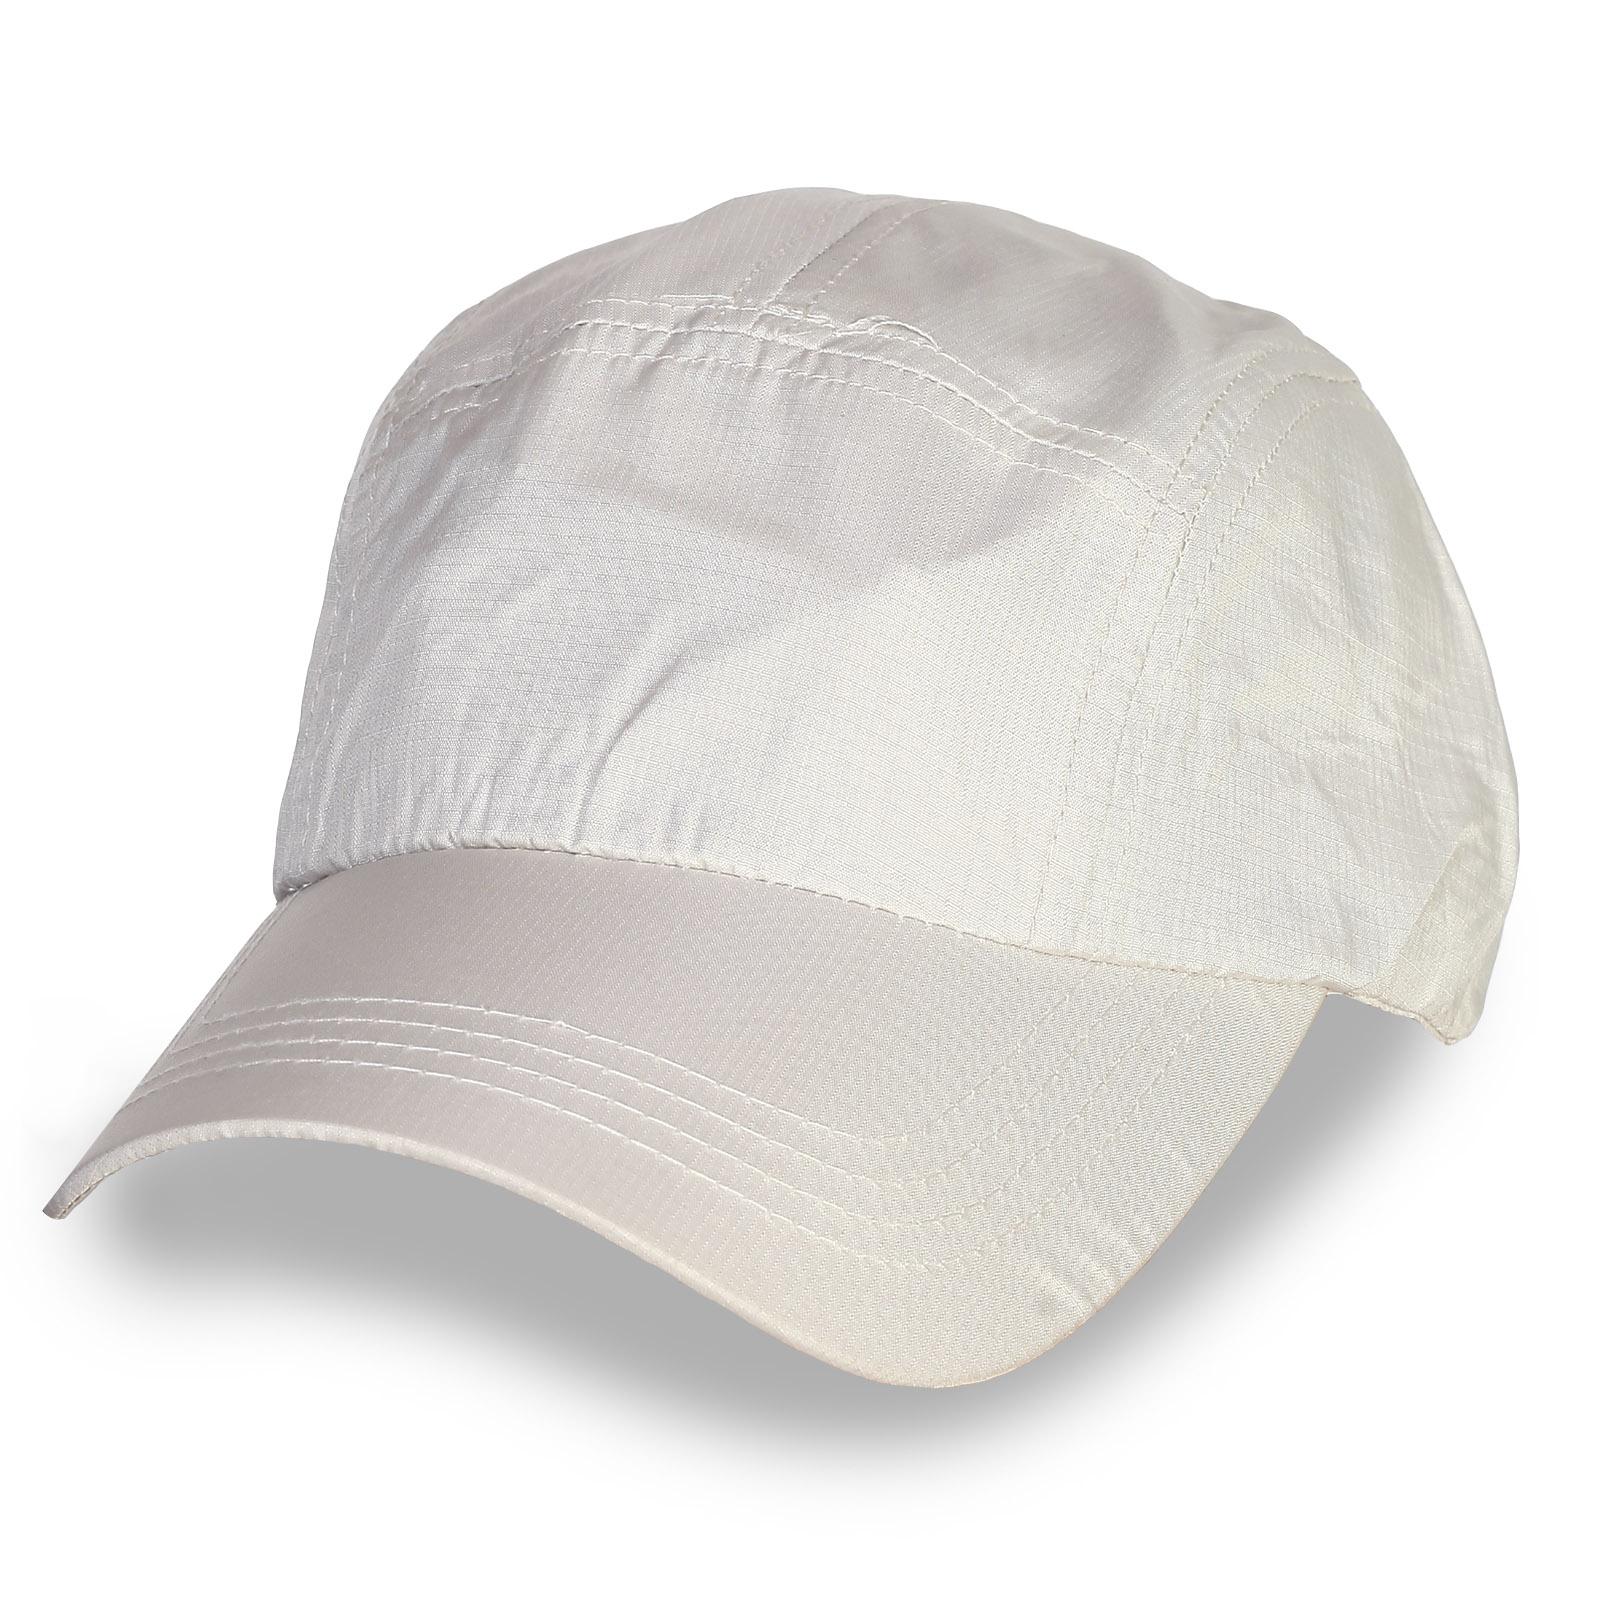 Классическая белая бейсболка - купить в интернет-магазине